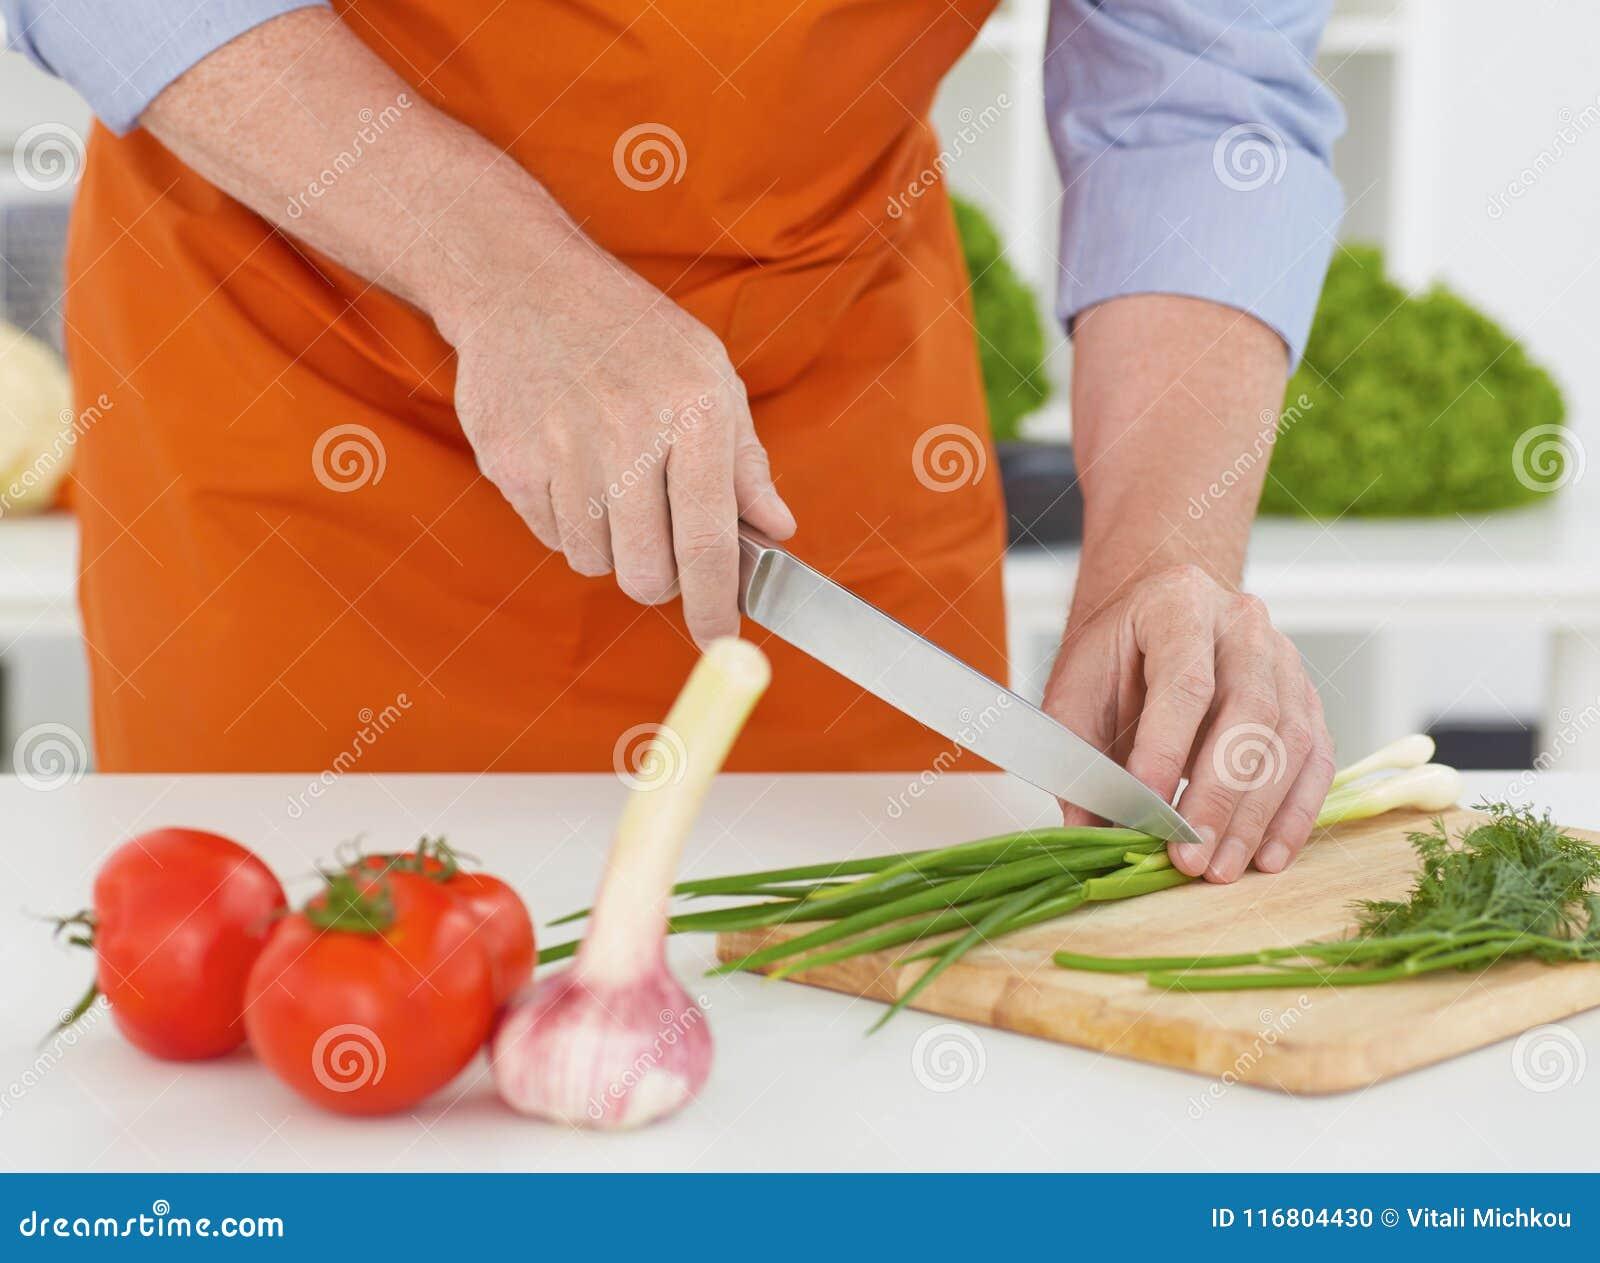 Chiuda sulle mani un uomo maturo che prepara tagliare le cipolle a pezzi verdi nella cucina a casa